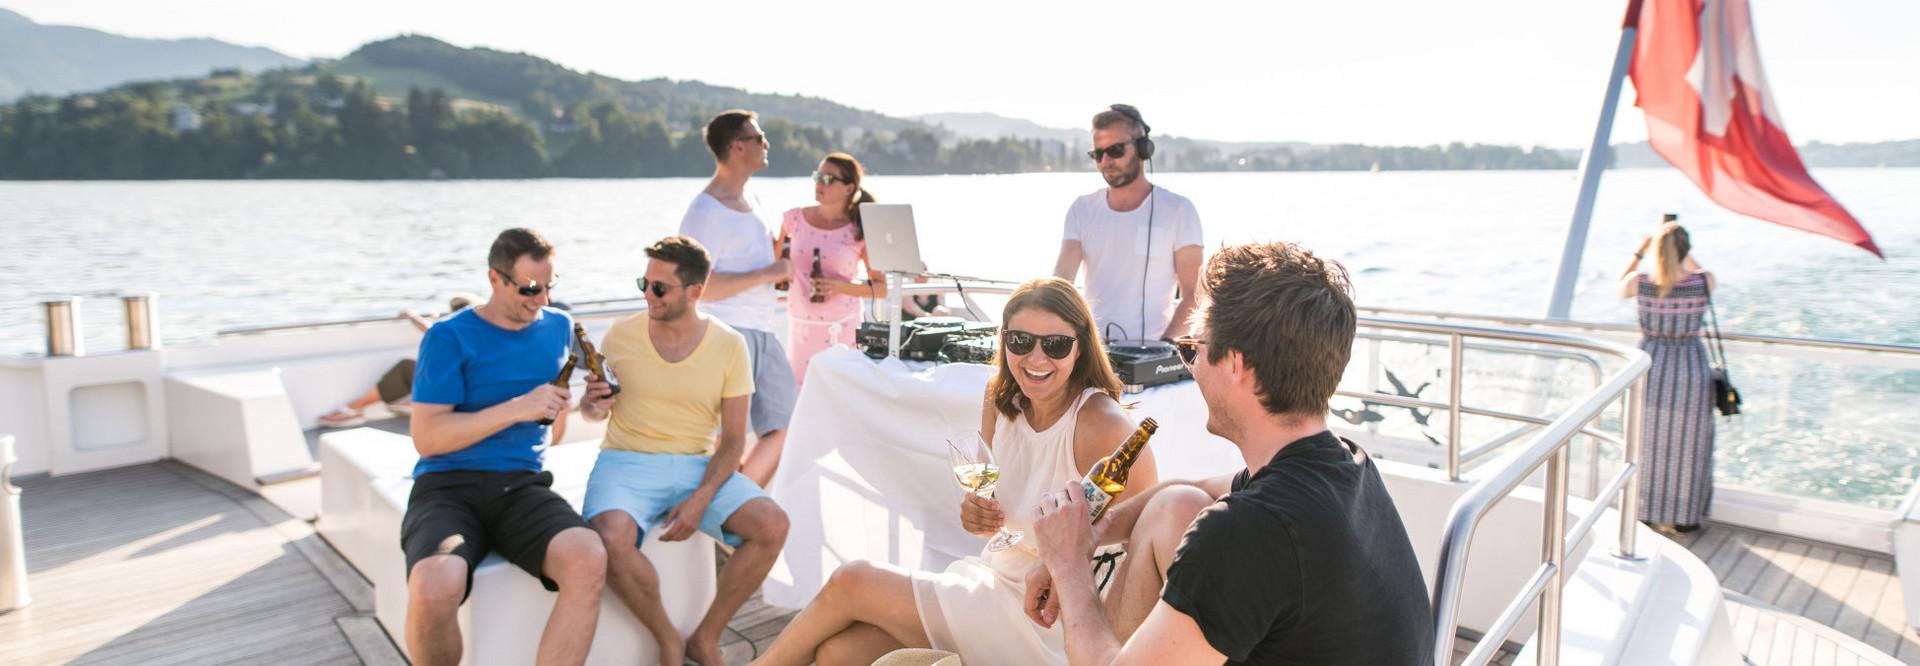 Vivez et appréciez une soirée d'été culinaire et musicale sur le bateau à moteur Diamant.